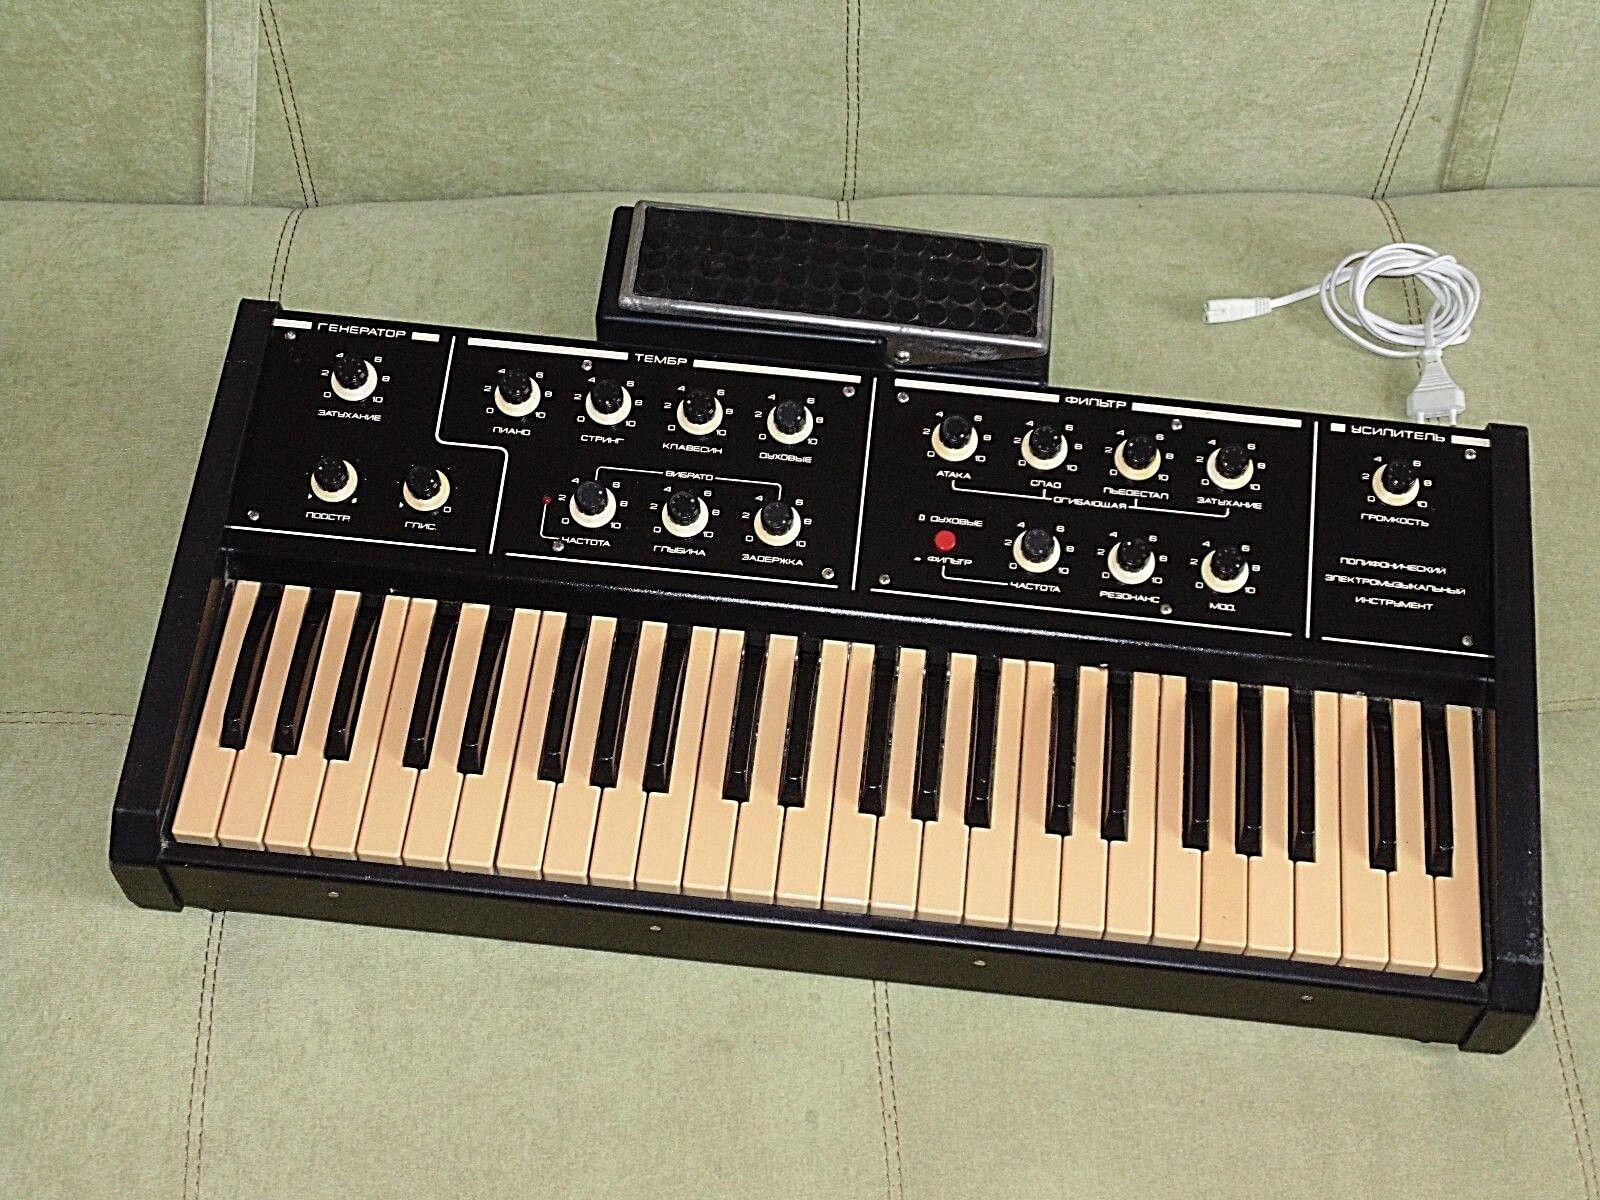 FAEMI 1 M (sintetizador analógico polifónico polivoks) De De De Colección Soviética Urss a0e6cb